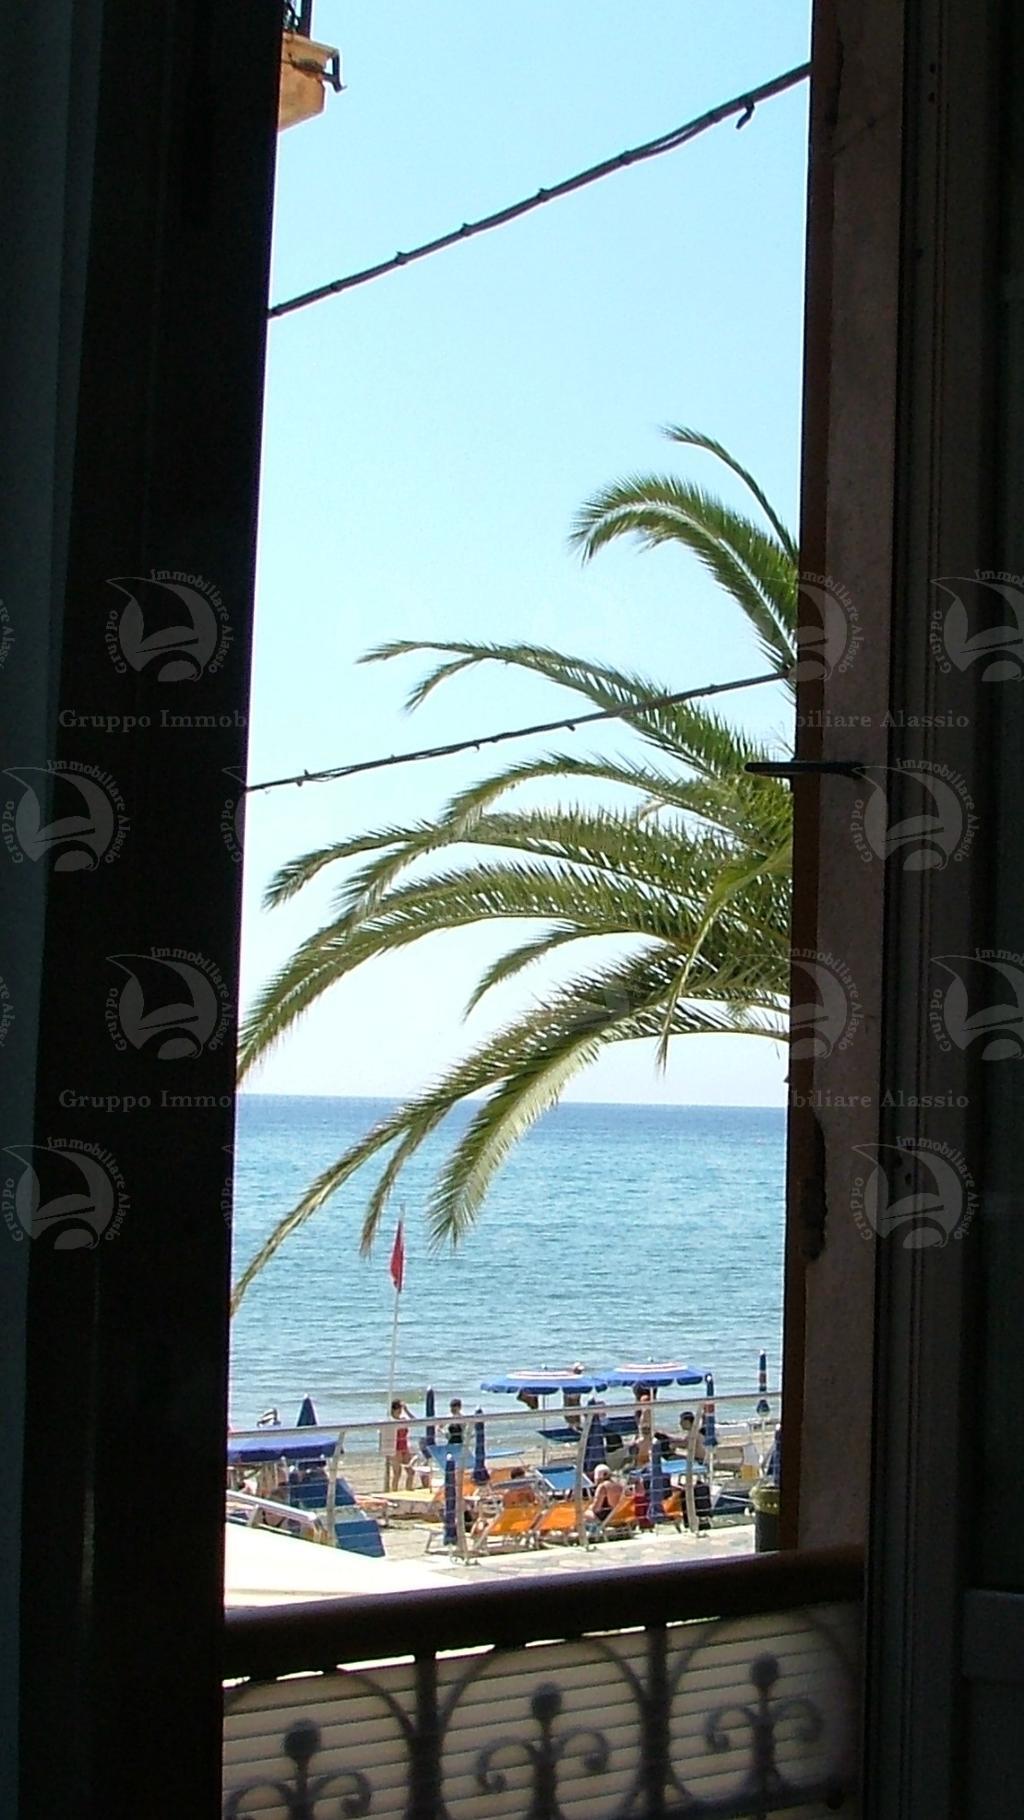 Alassio, piccolo bilocale sul mare con vista mare.